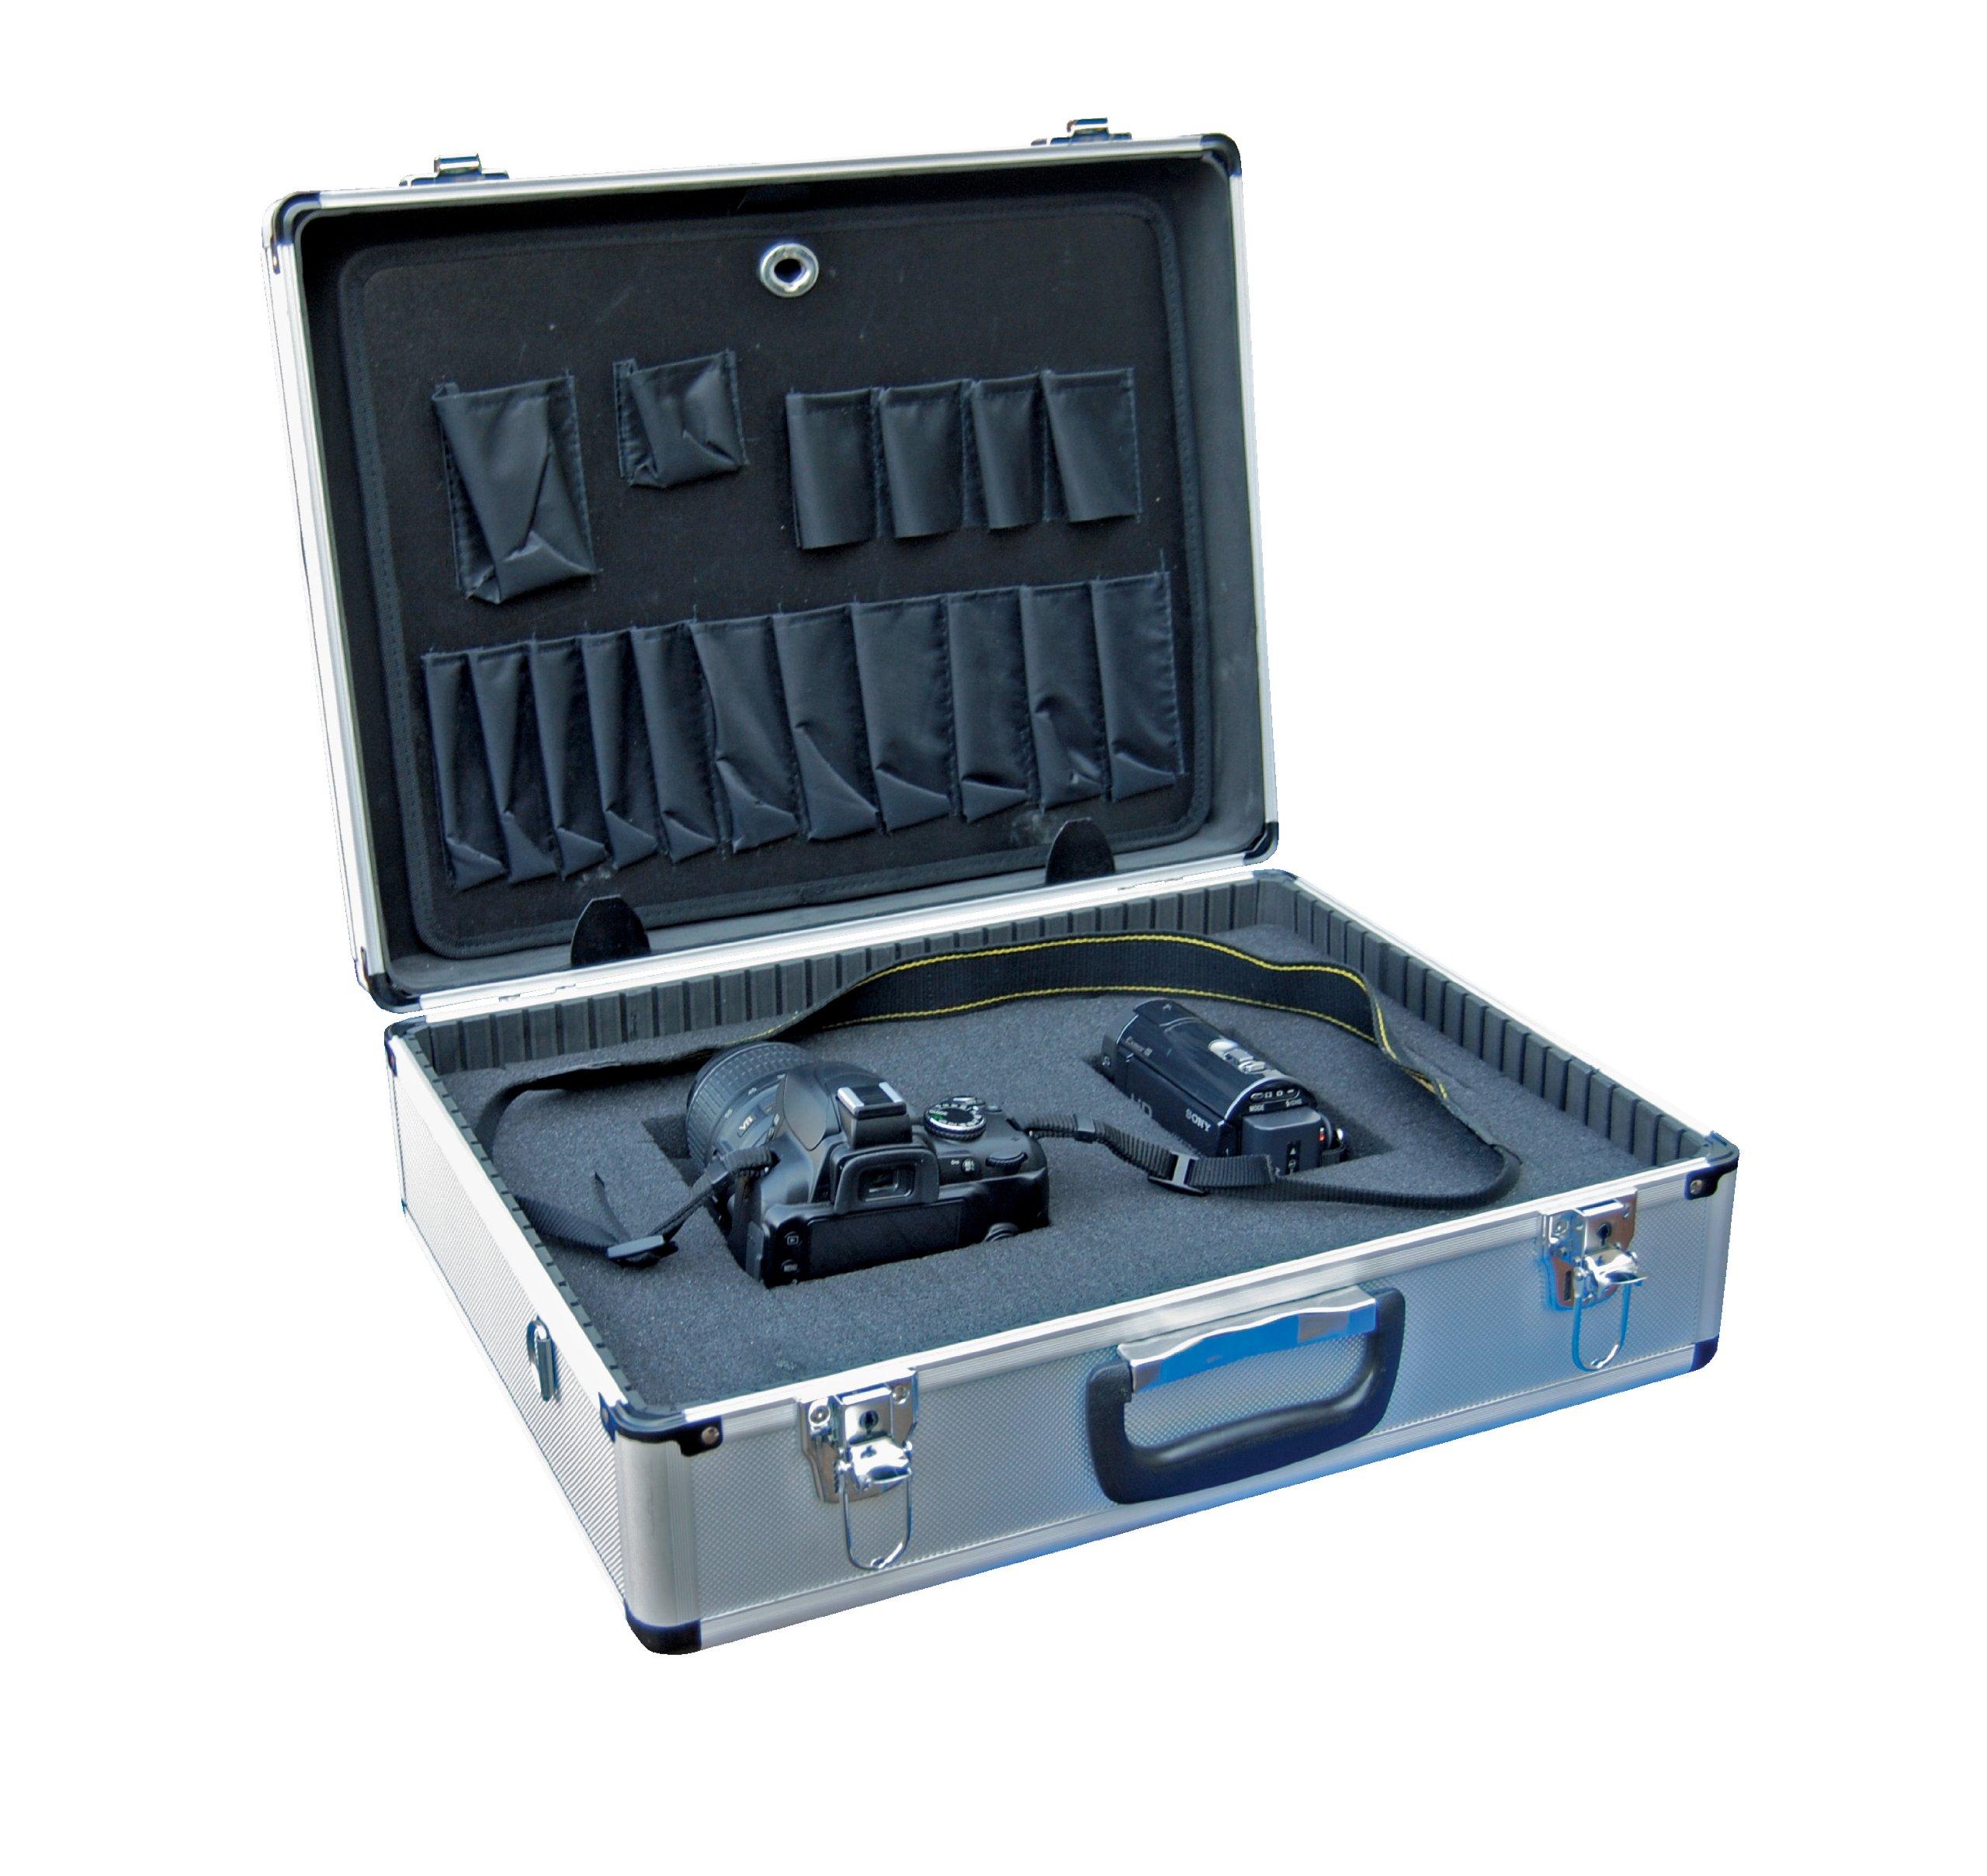 Vestil CASE-1814-FM Aluminum Tool Case - Foam Insert, 14'' Length X 18'' Width X 6'' Height, 6 lbs. by Vestil (Image #4)